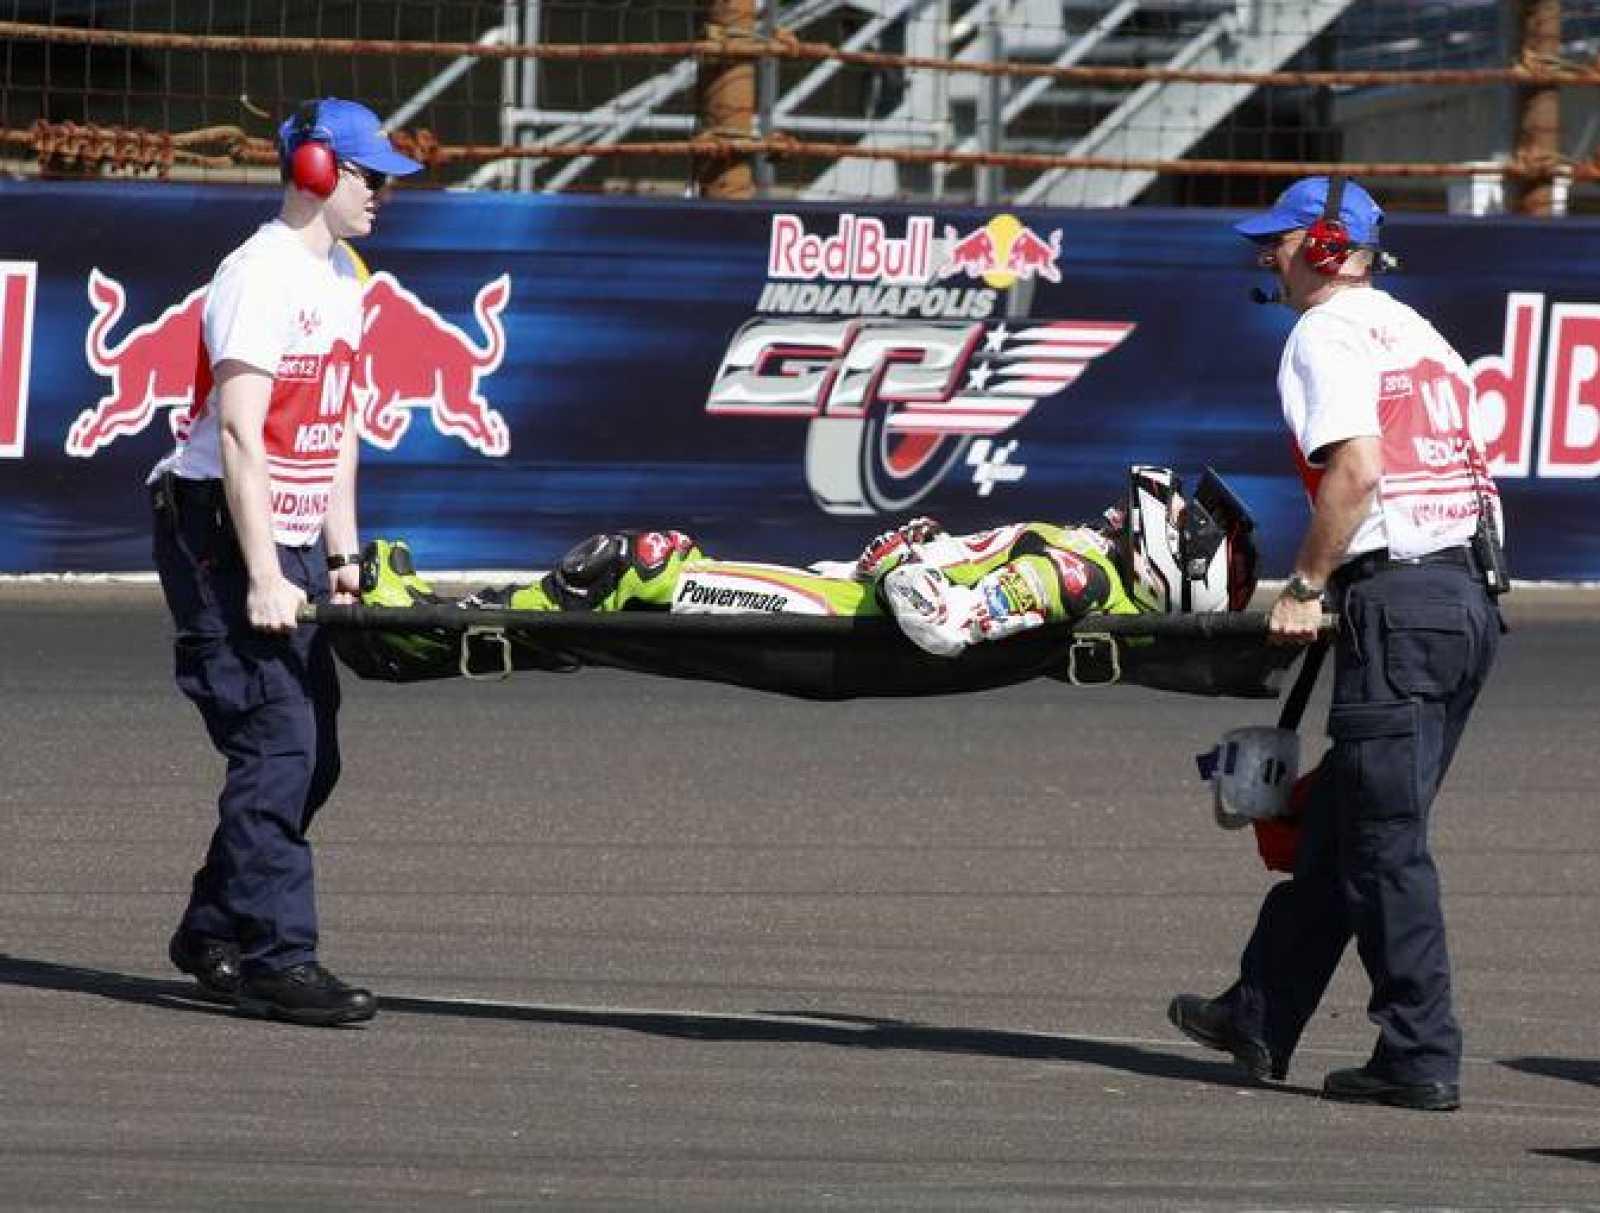 Héctor Barberá se lesionó en el circuito de Indianápolis por primera vez.